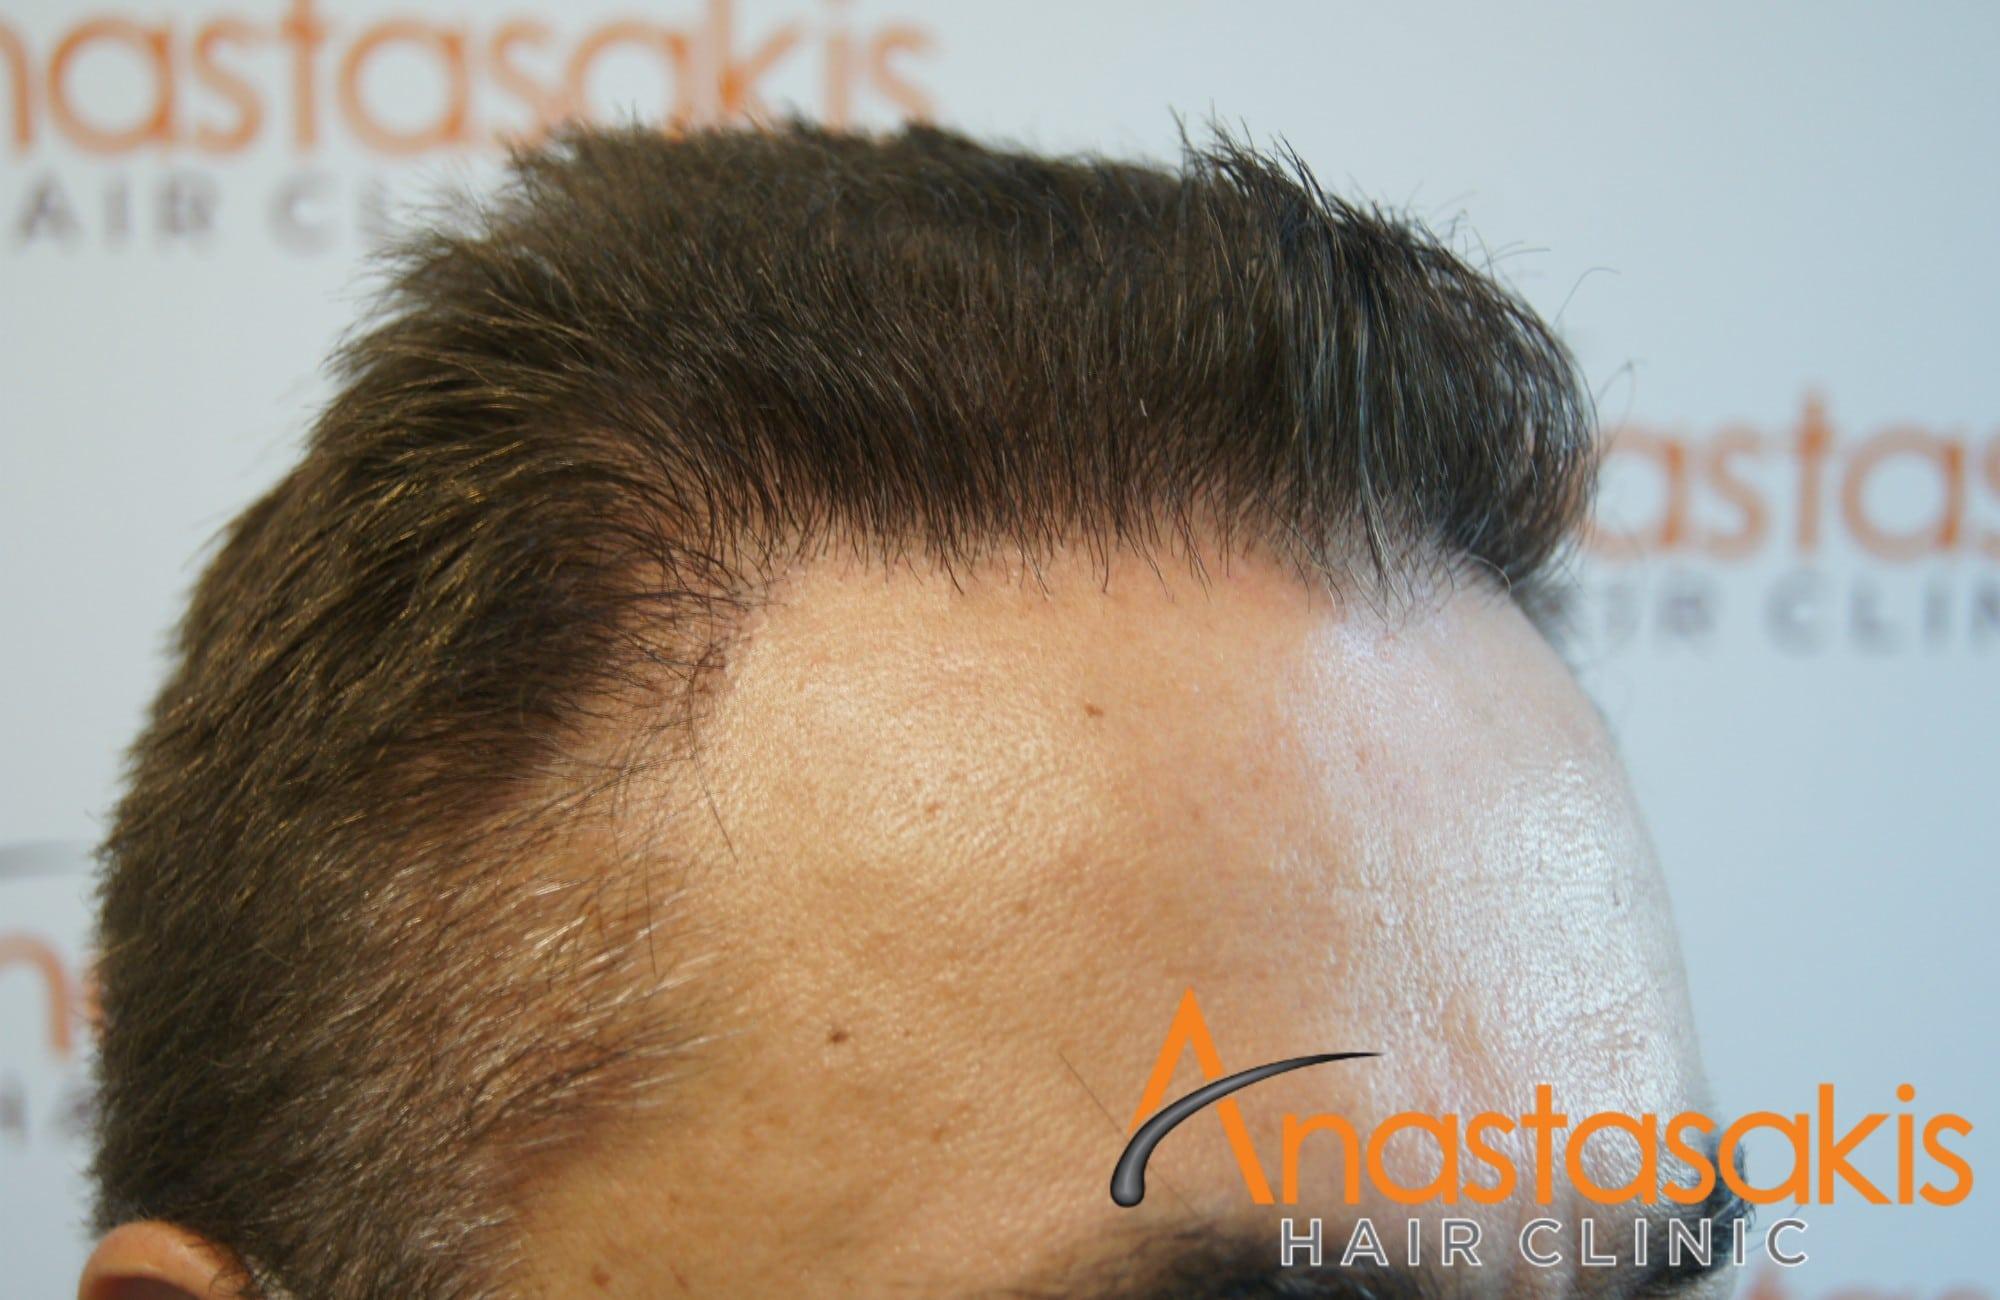 ασθενης μετα τη μεταμοσχευση μαλλιων με 1540fus αριστερο 2 προφιλ